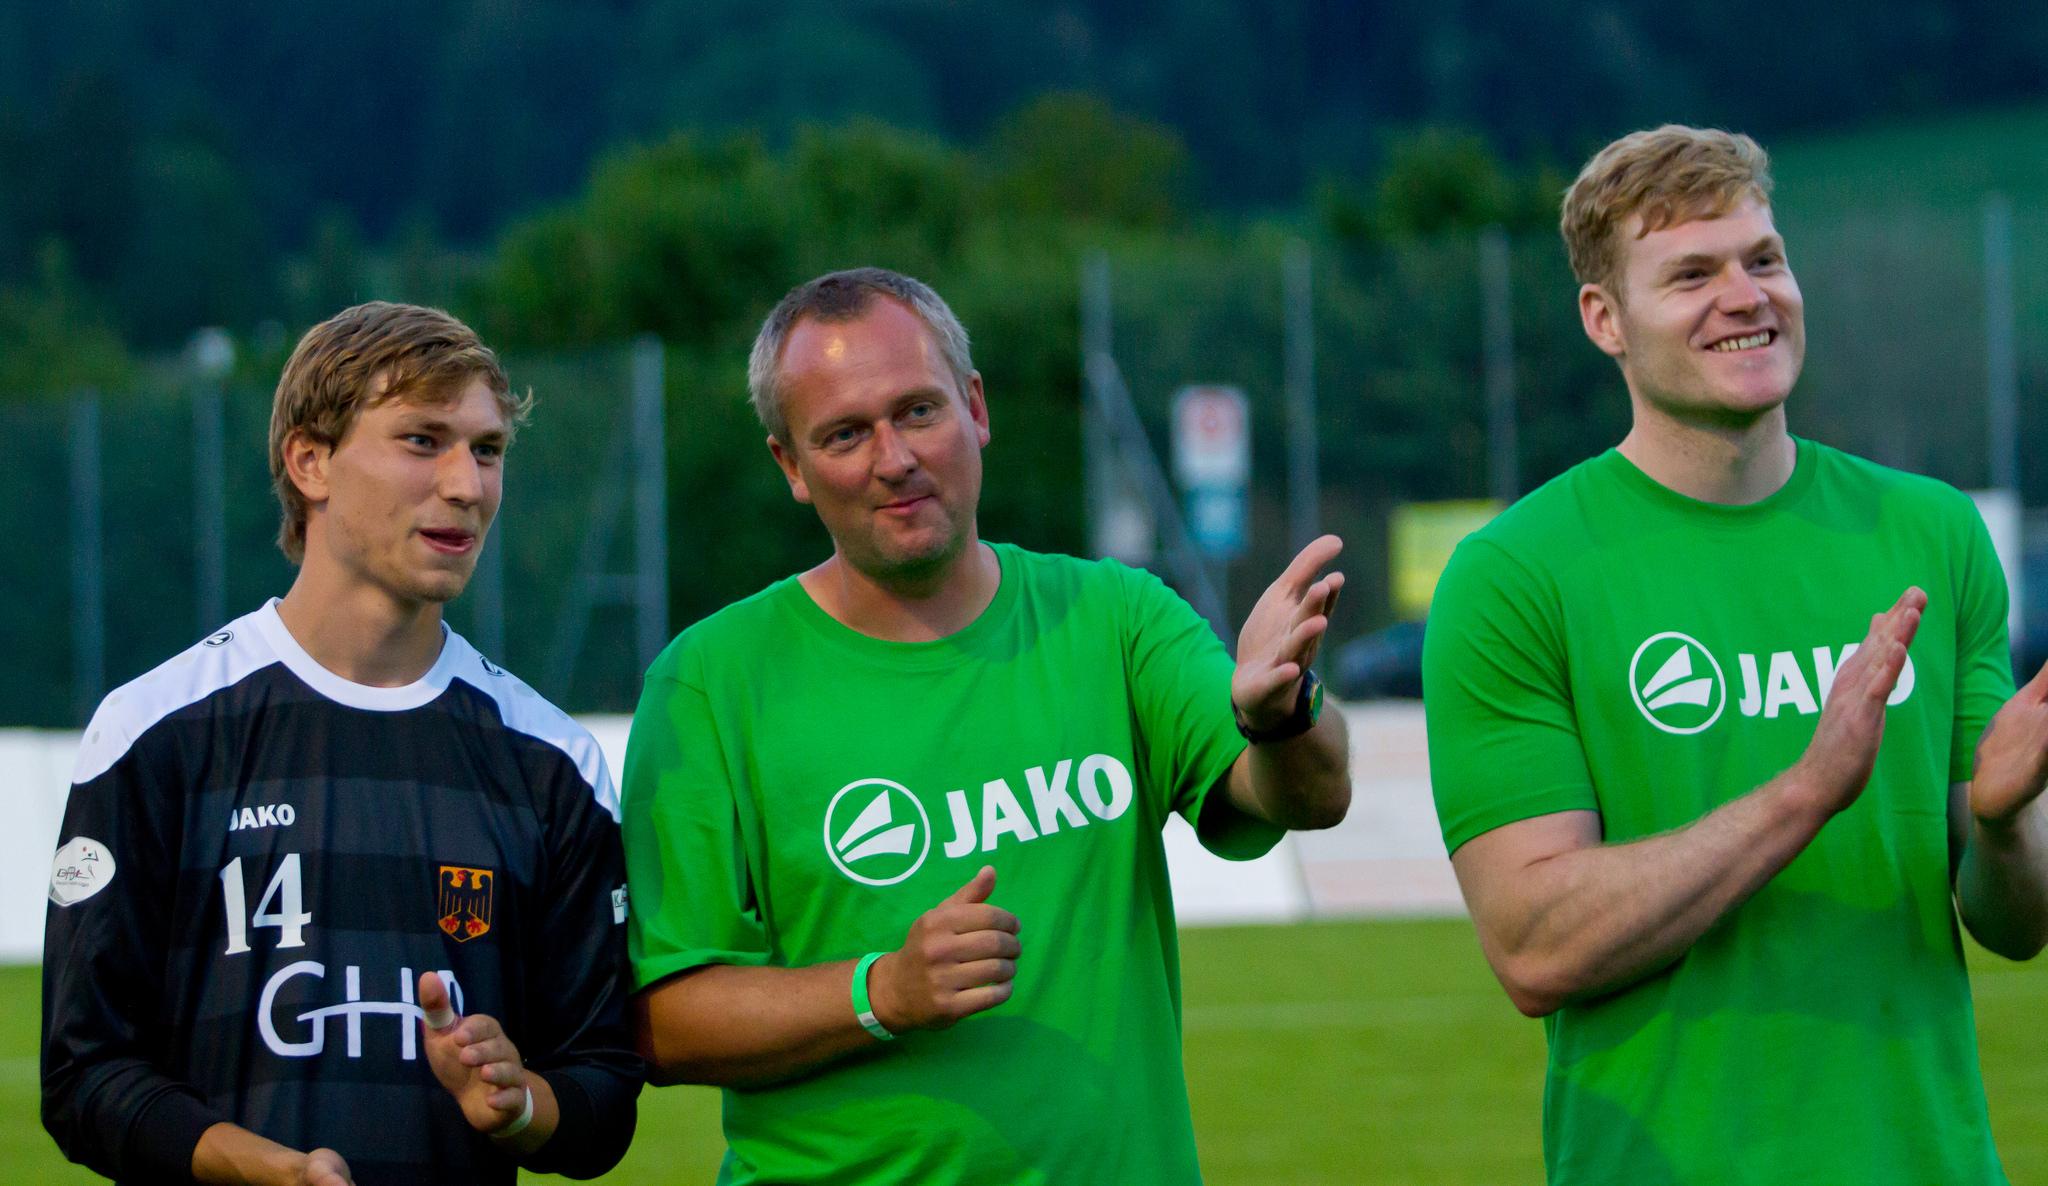 Debütant Rouven Kadgien (v. l.) mit Bundestrainer Olaf Neuenfeld und Teilzeit-Co-Trainer Patrick Thomas (Foto: DFBL/Schönwandt)